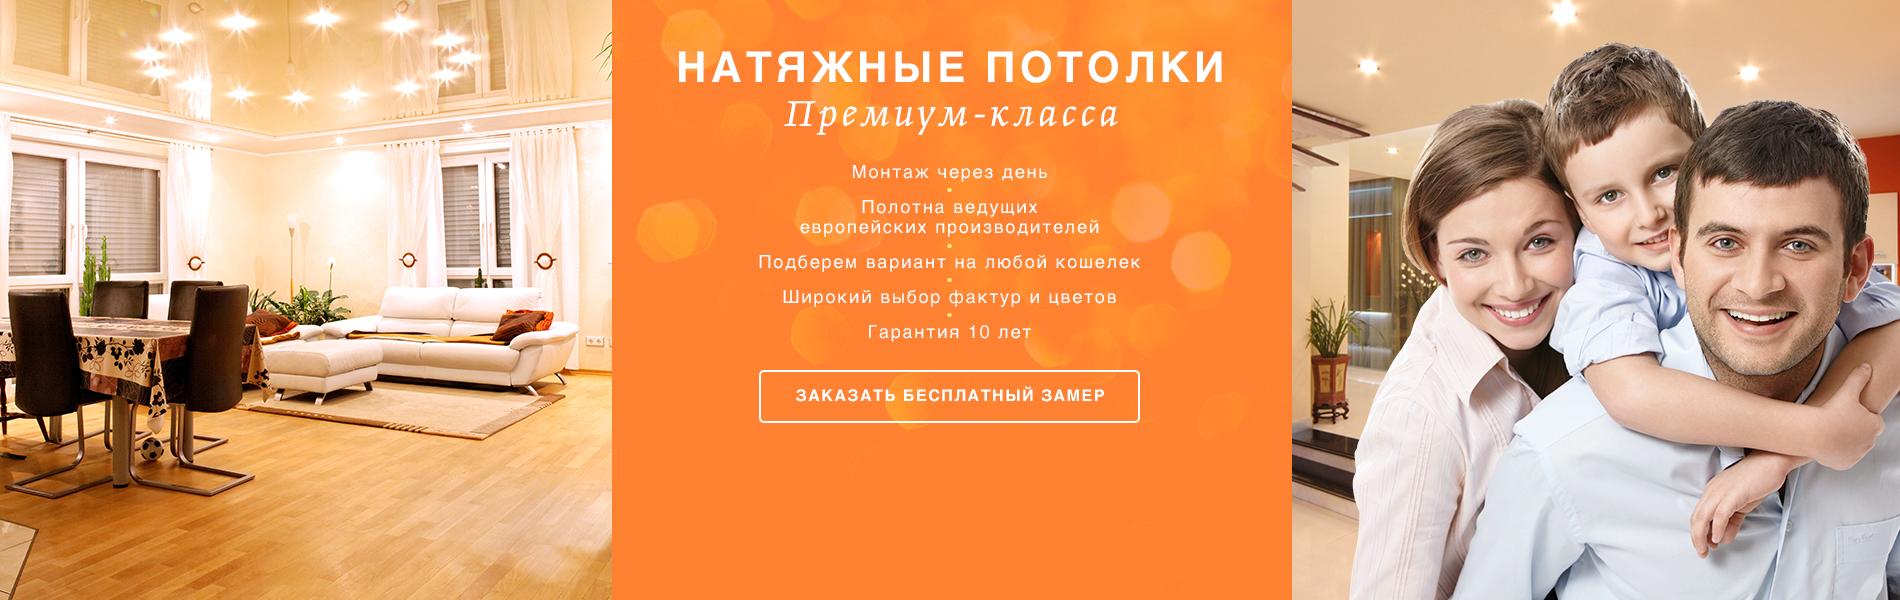 potolki_banner_ver2